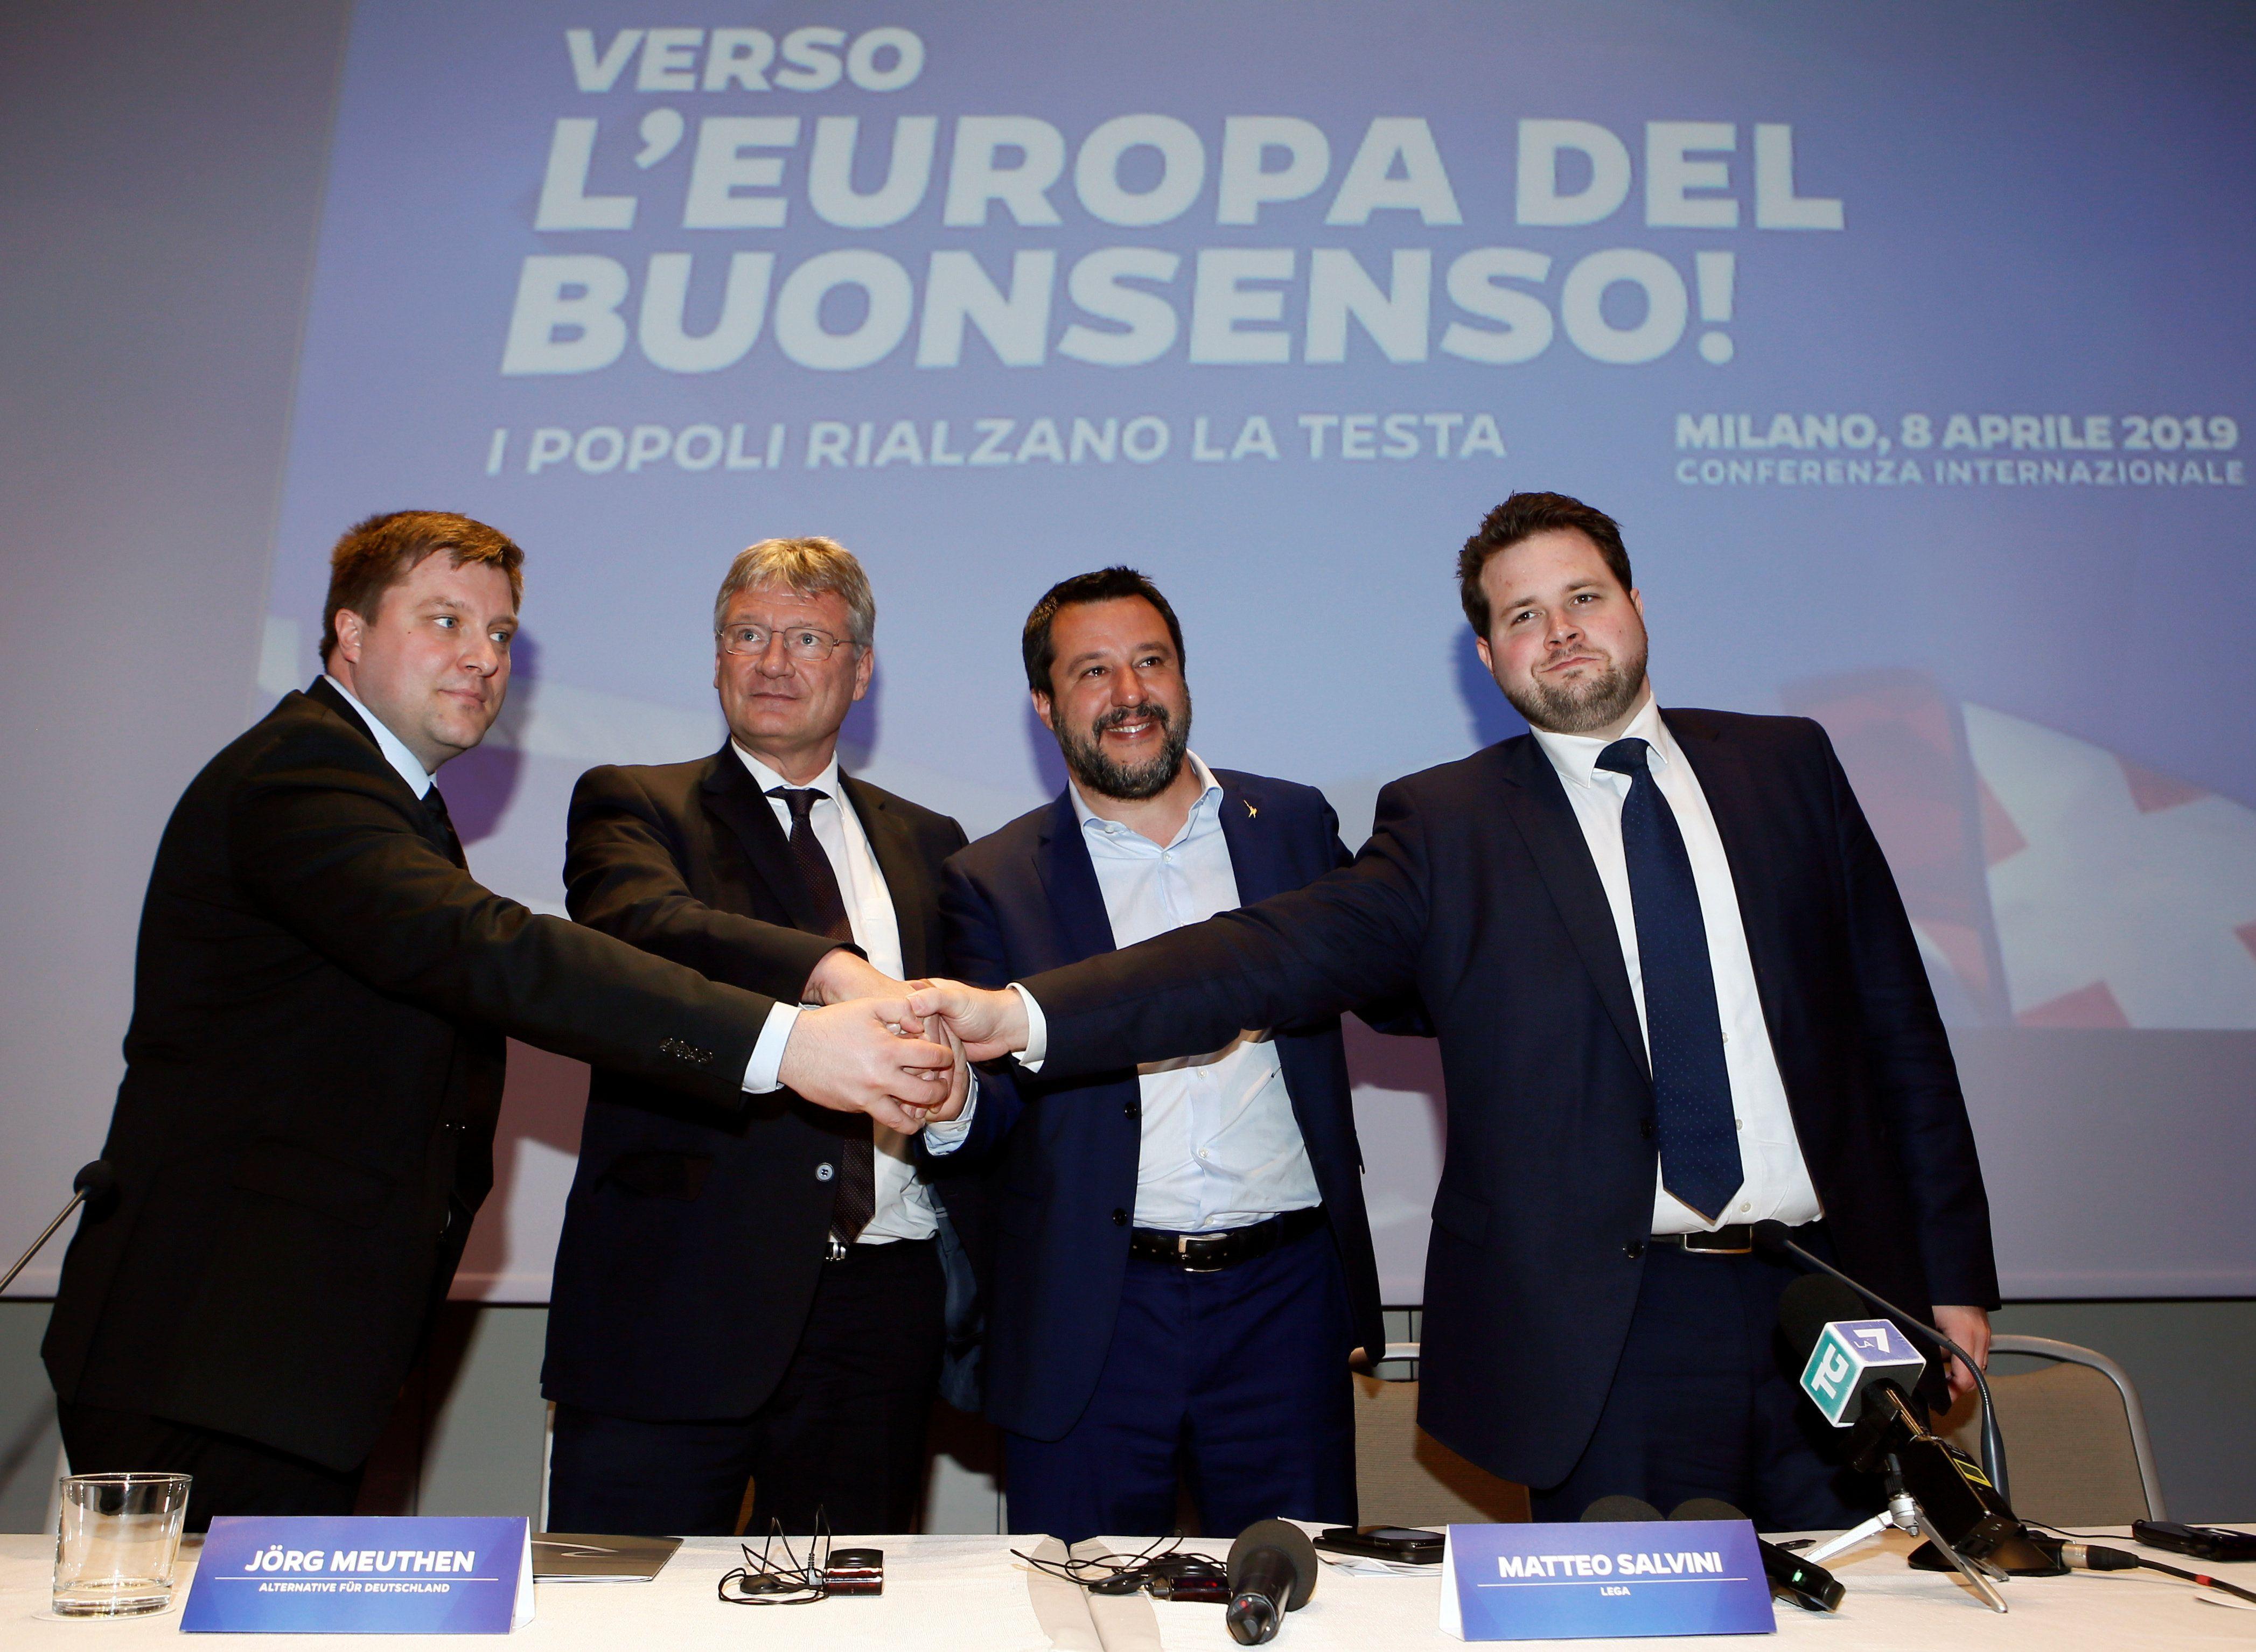 Matteo Salvini Threw A Lame Party on Monday